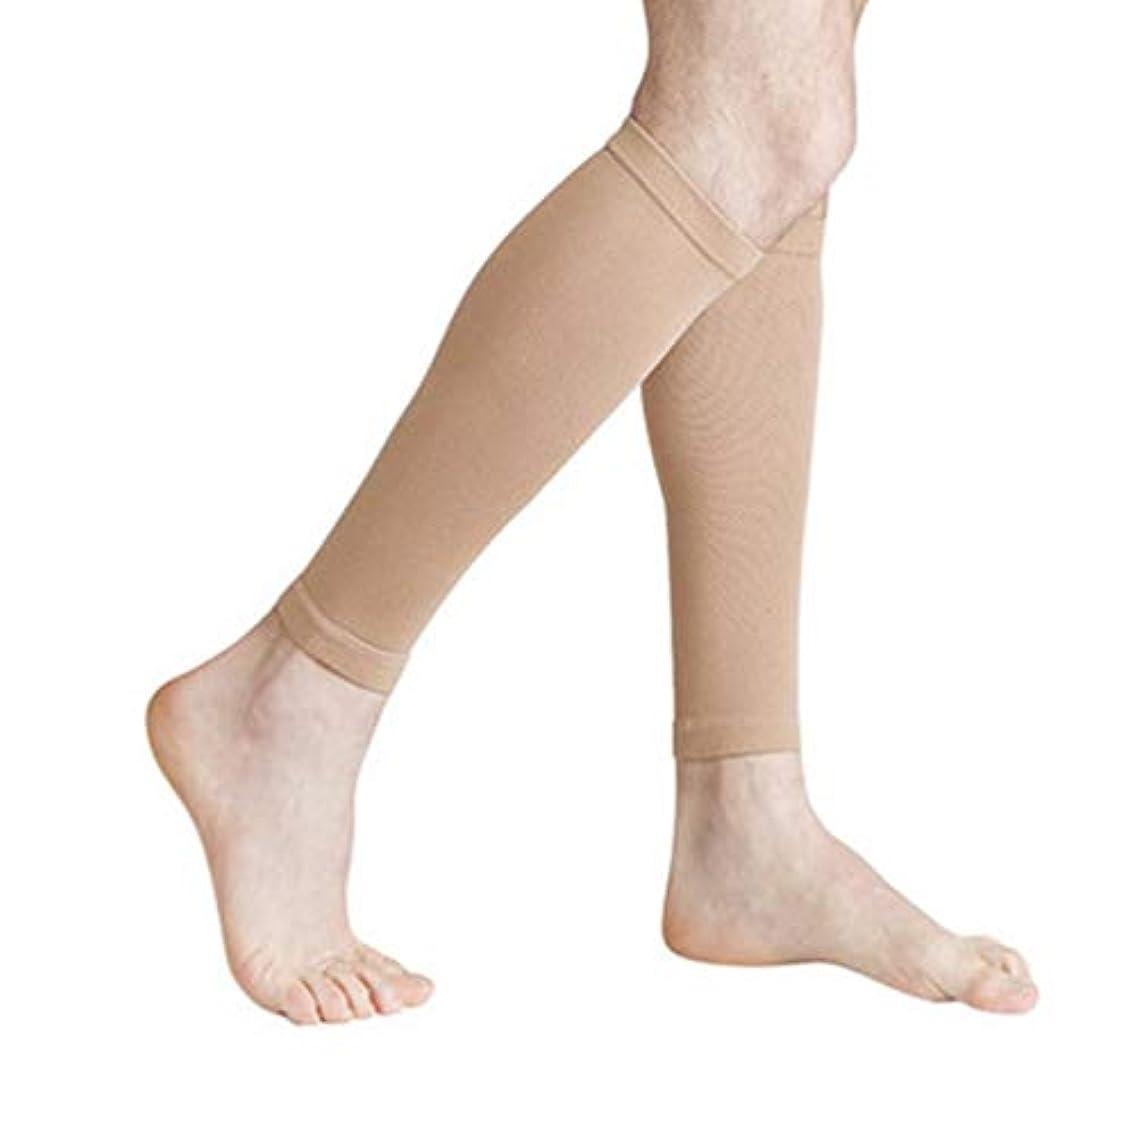 あたり恩恵獲物丈夫な男性女性プロの圧縮靴下通気性のある旅行活動看護師用シントスプリントフライトトラベル - 肌色